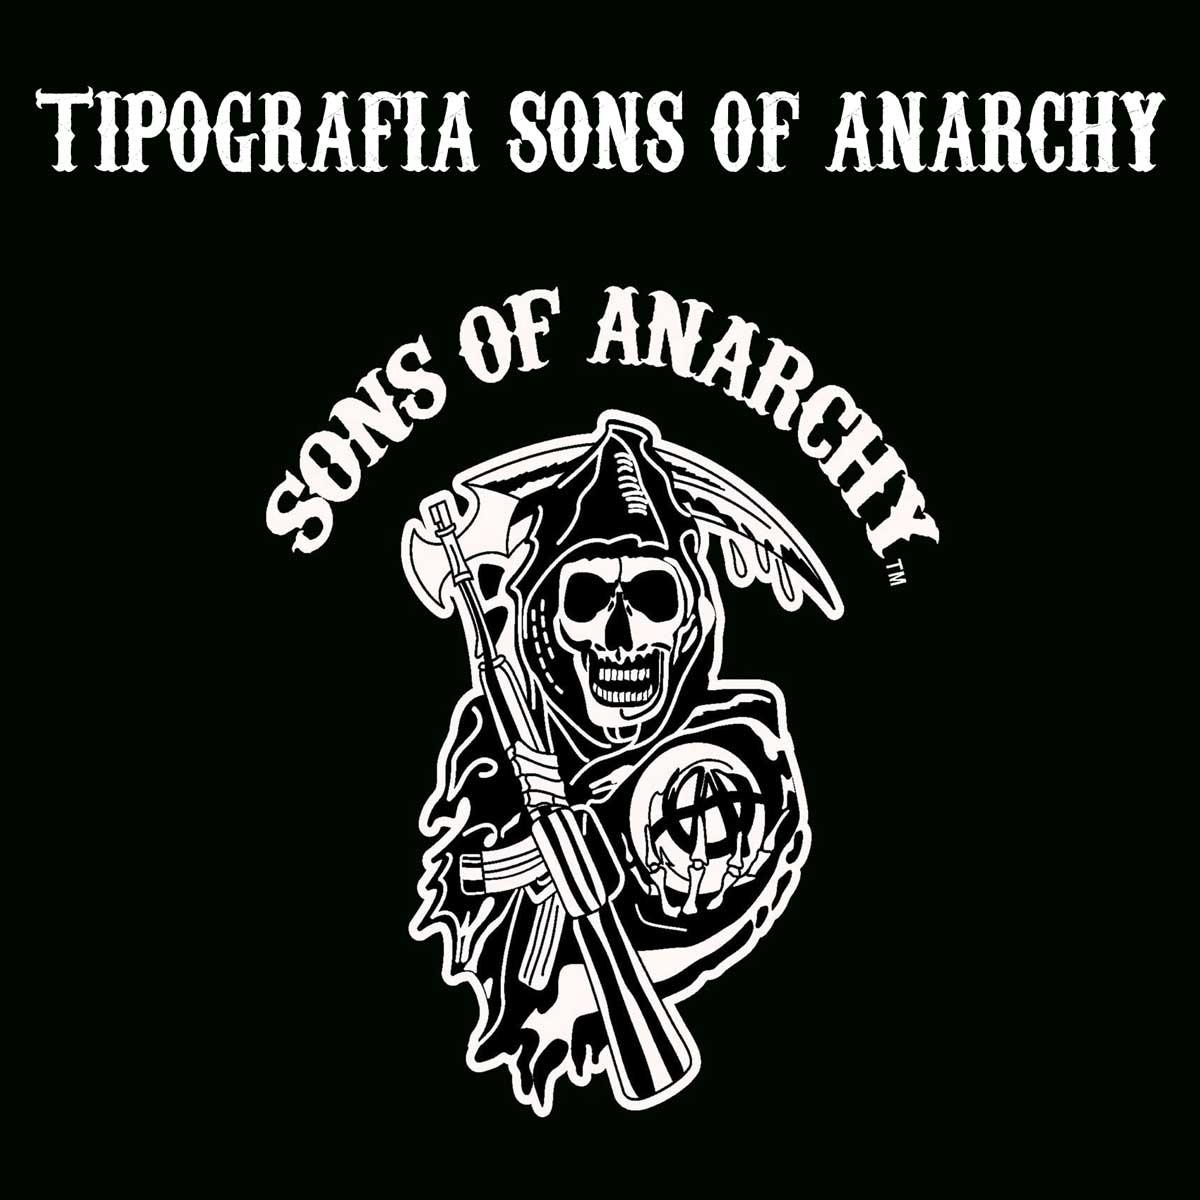 Tipografía Sons of Anarchy para descargar gratis.